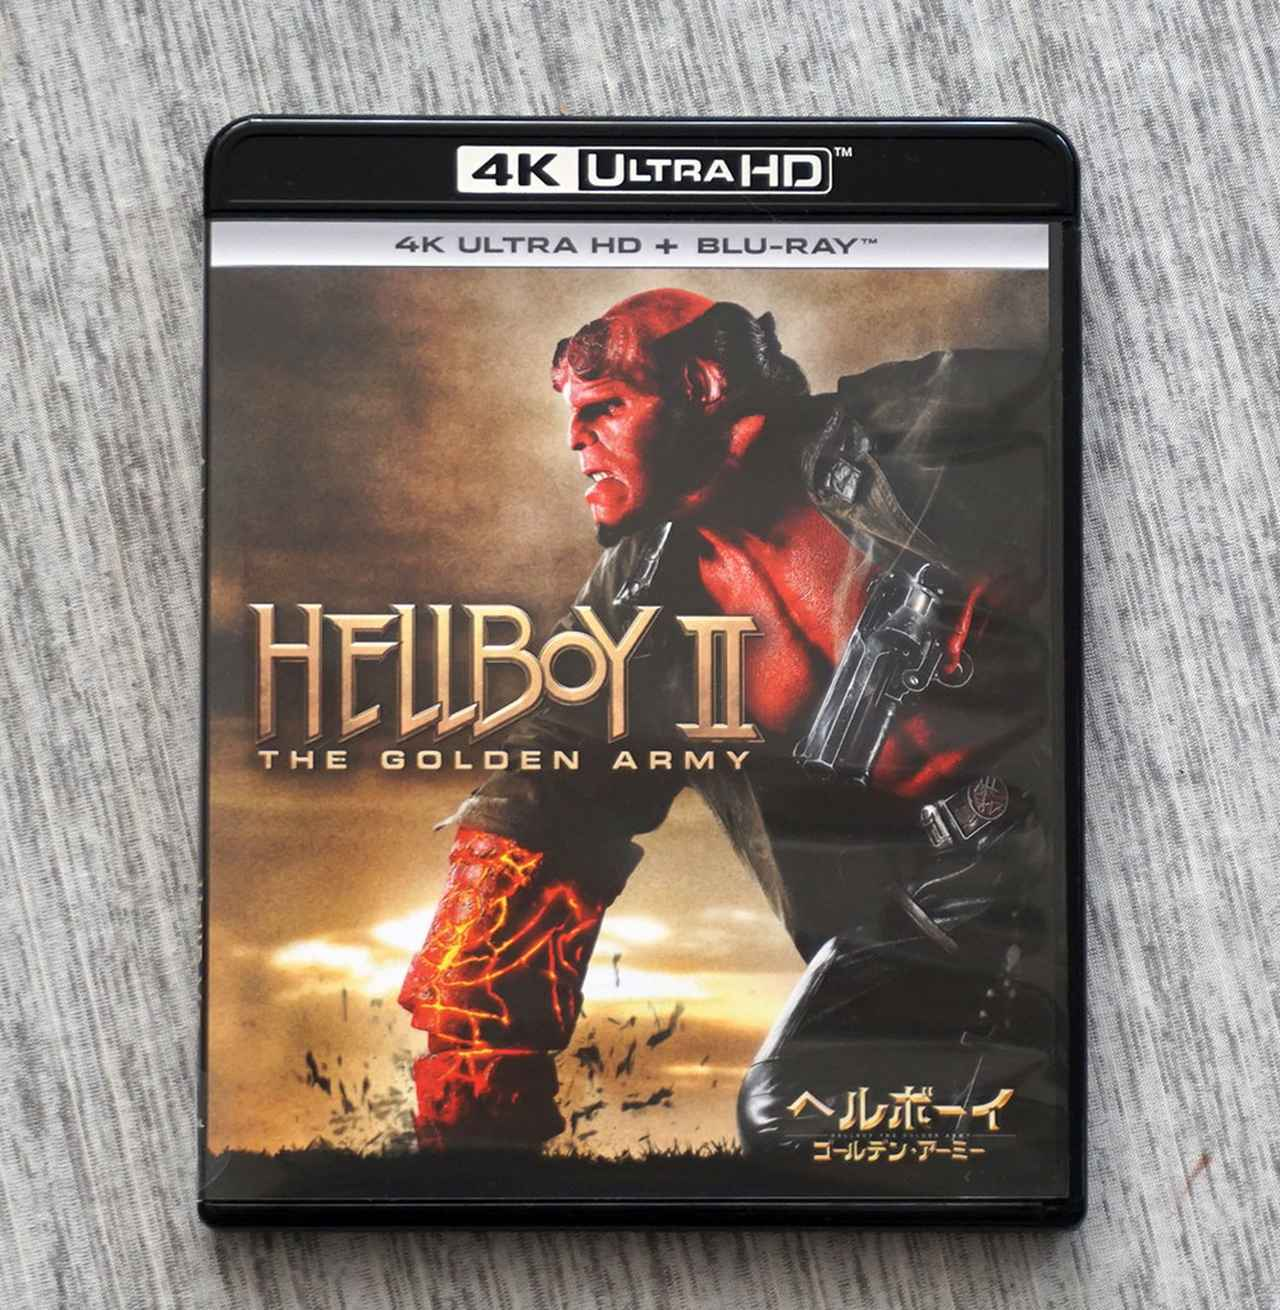 画像: 『ヘルボーイゴールデン・アーミー 4K Ultra HD+ブルーレイ 』 ¥5,990(税別) Film(C) 2008 Universal Studios and Internationale Filmproduktion Eagle Filmproduktionsgesellschaft mbH & Co.KG.All Rights Reserved.